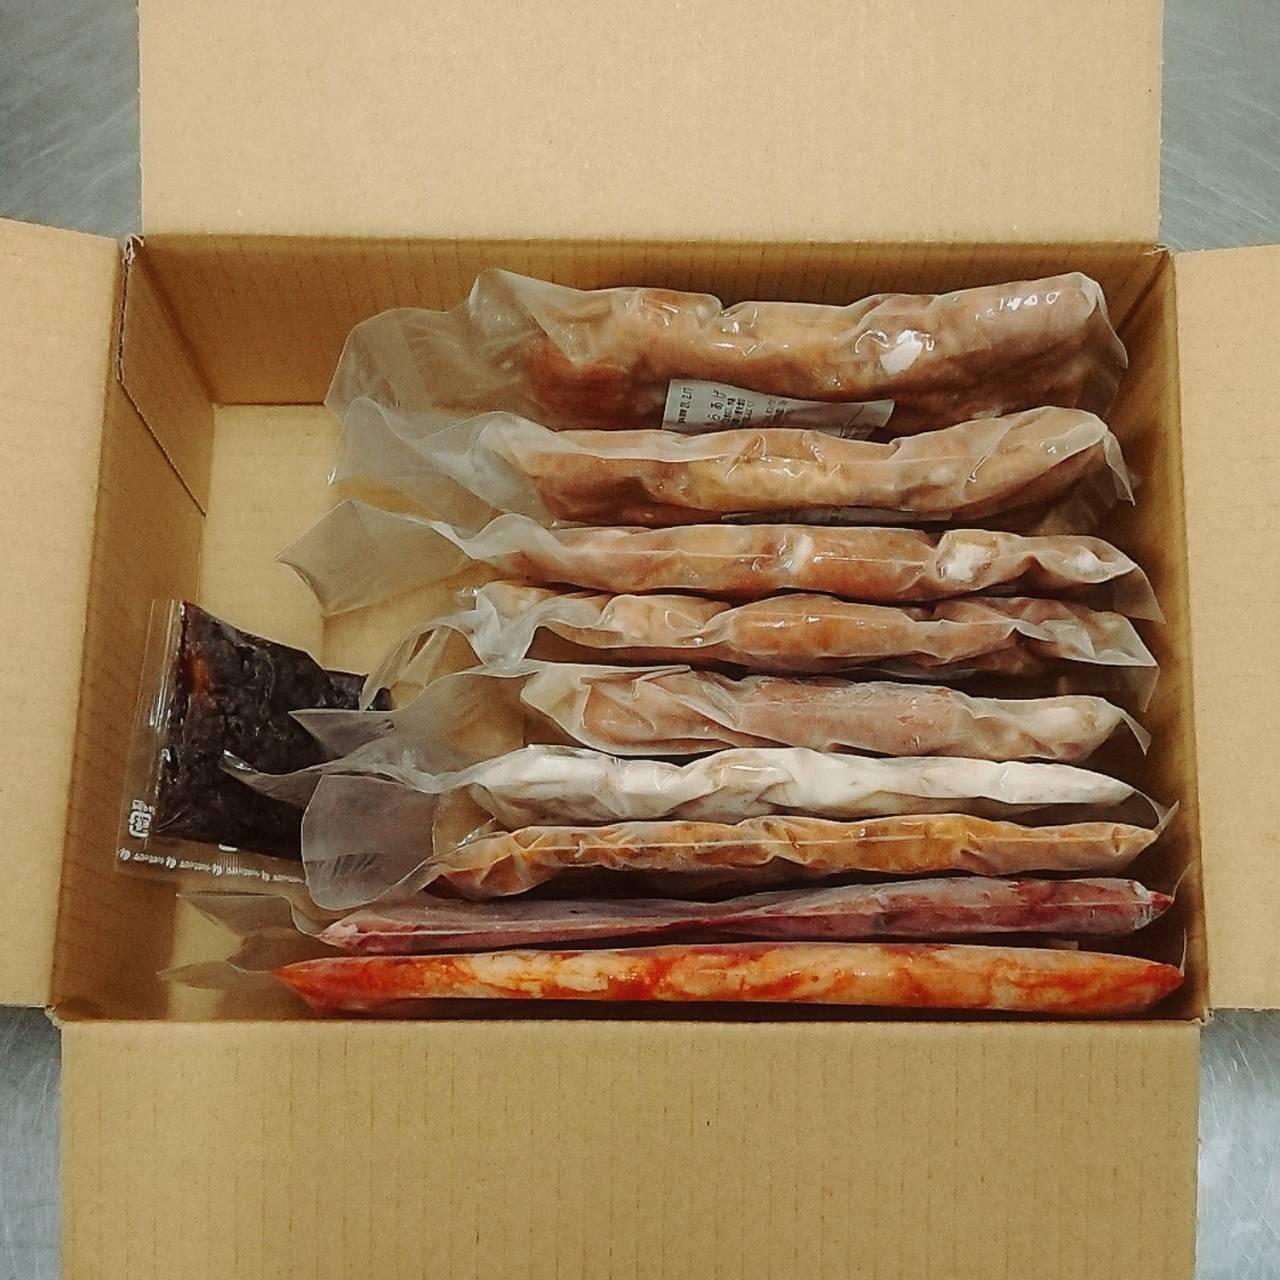 レバ200gと特製たれ1袋(3-4人前)